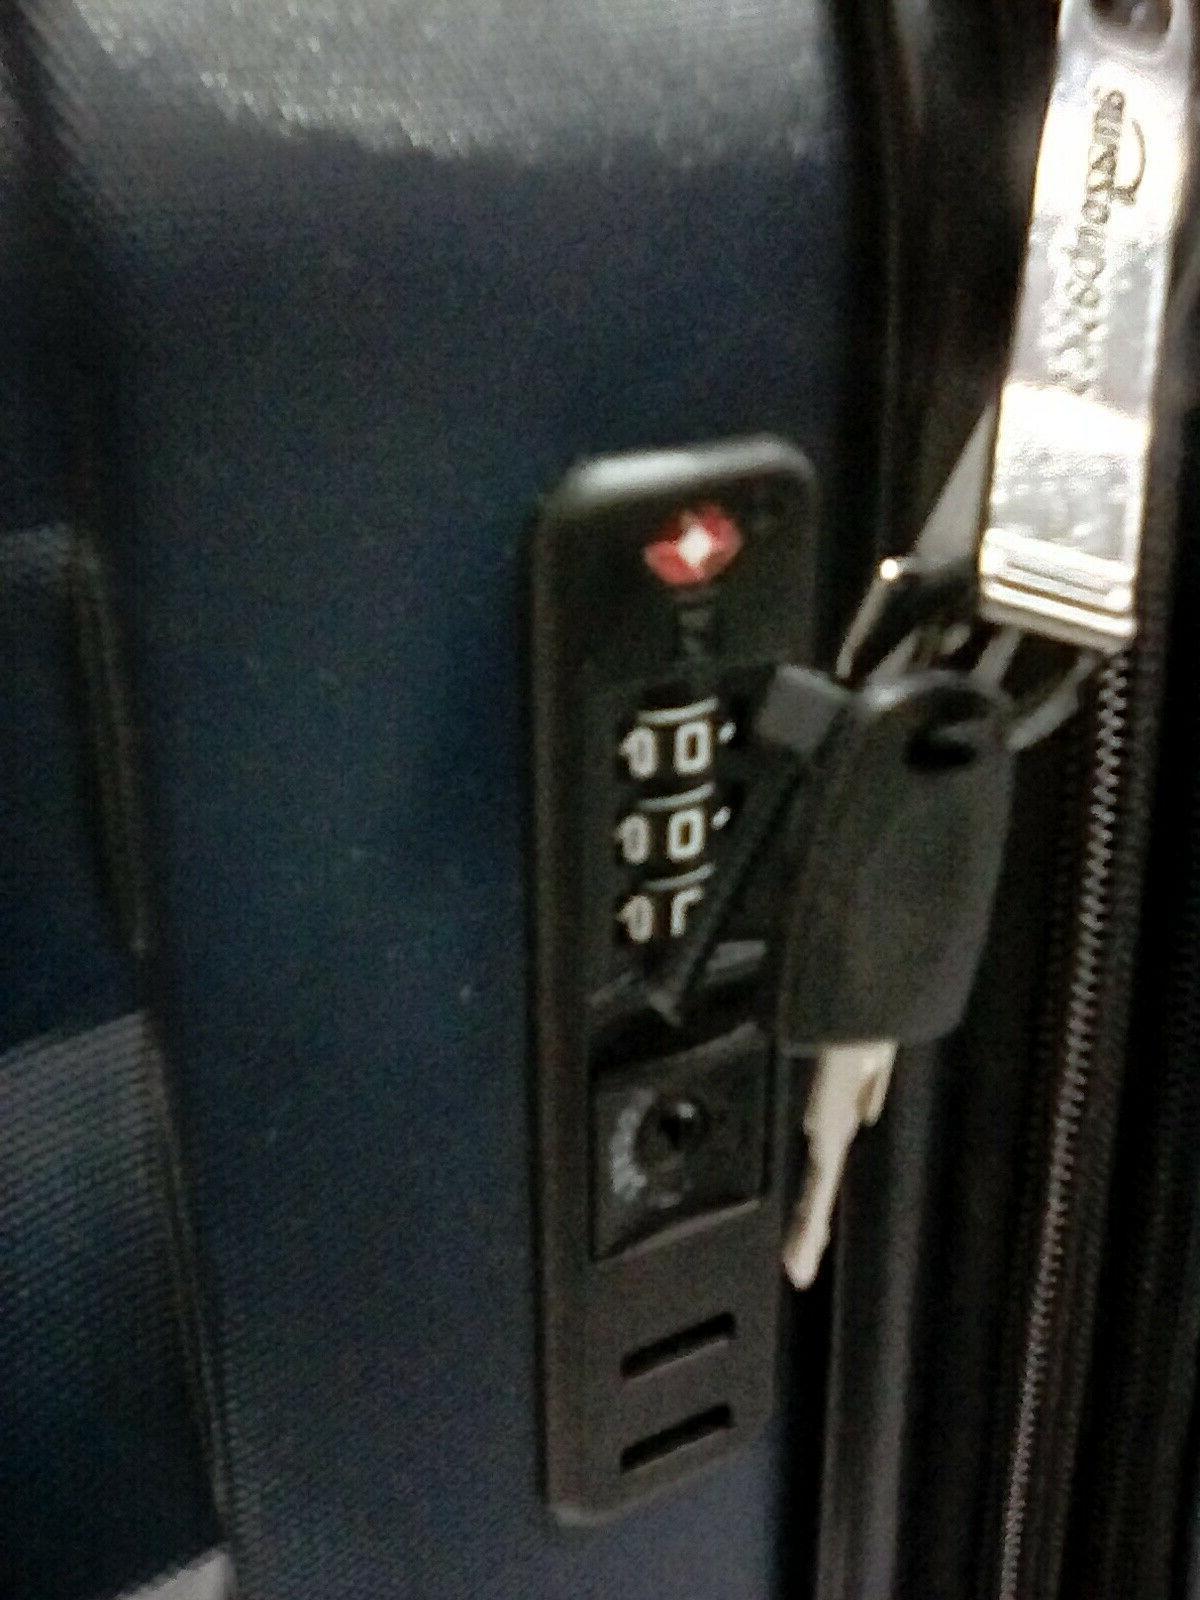 AmazonBasics Spinner Luggage Suitcase,